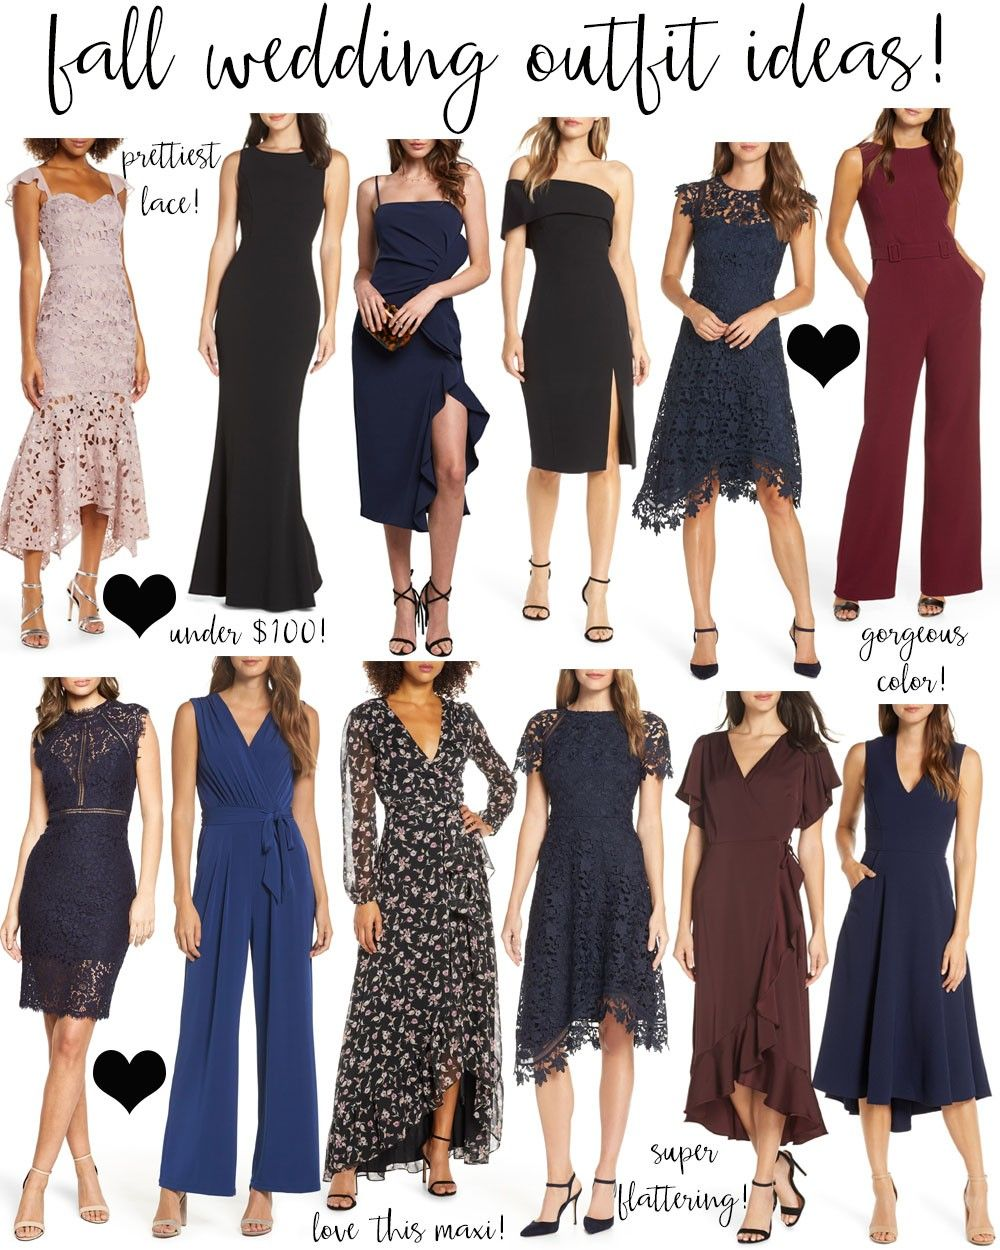 Dress Ideas For A Fall Wedding In 2020 Fall Wedding Outfits Fall Wedding Guest Dress Wedding Guest Outfit Fall